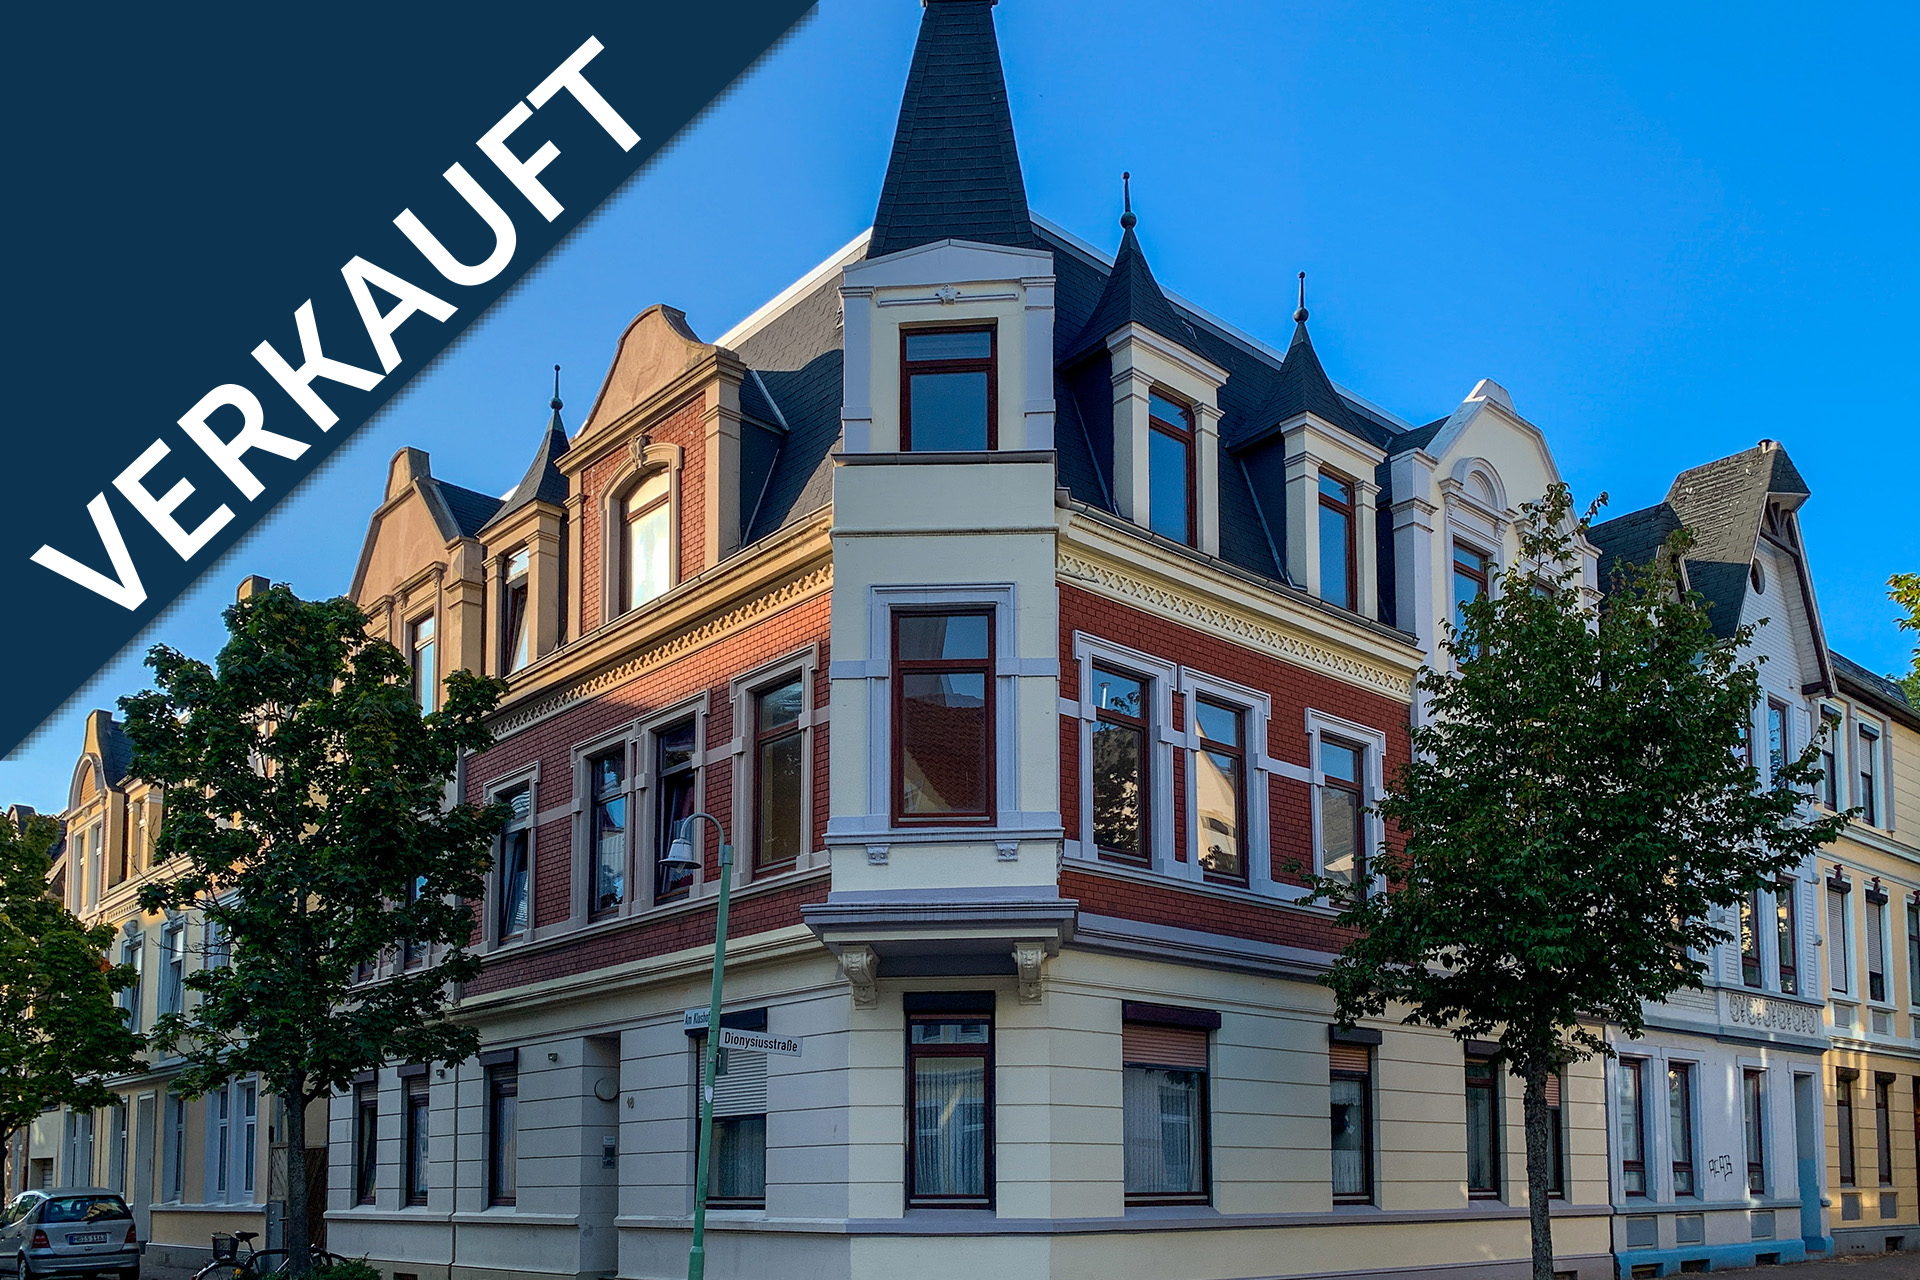 Homes4You Wohnung 3 Zimmer Immobilie Immobilienmakler Deutschland